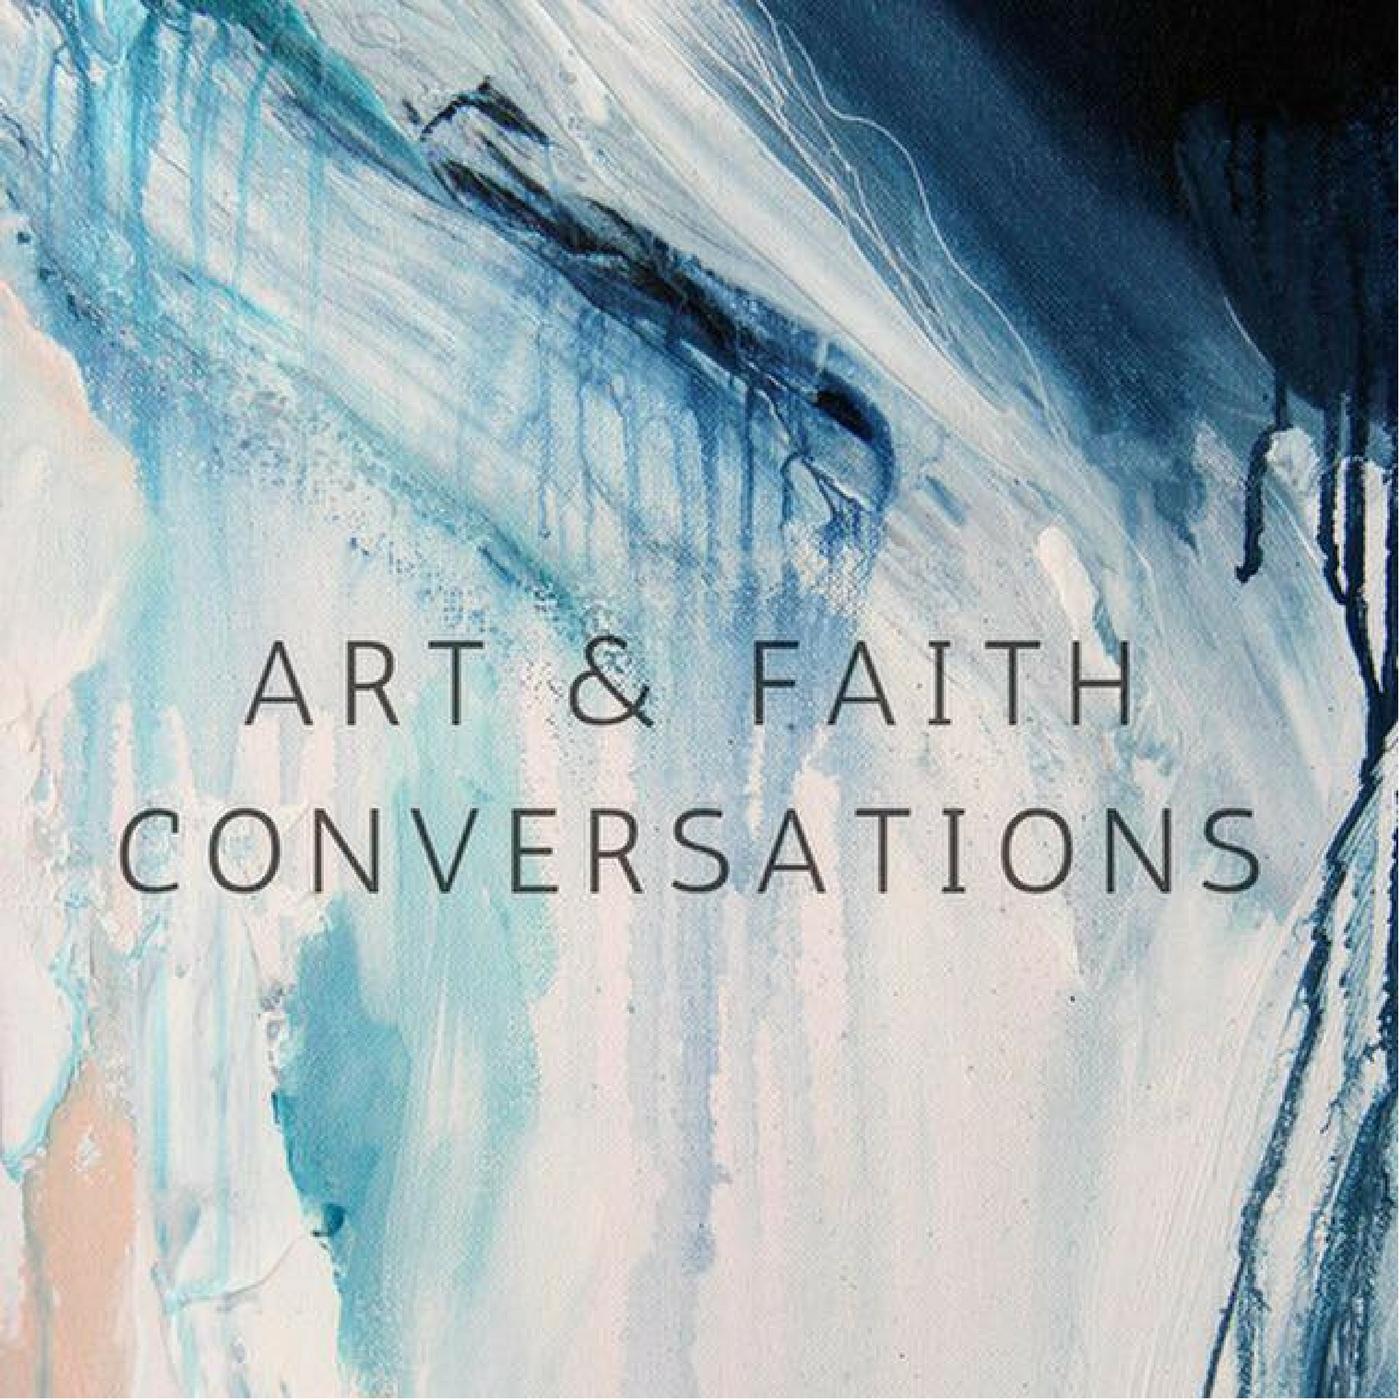 Art & Faith Conversations show art